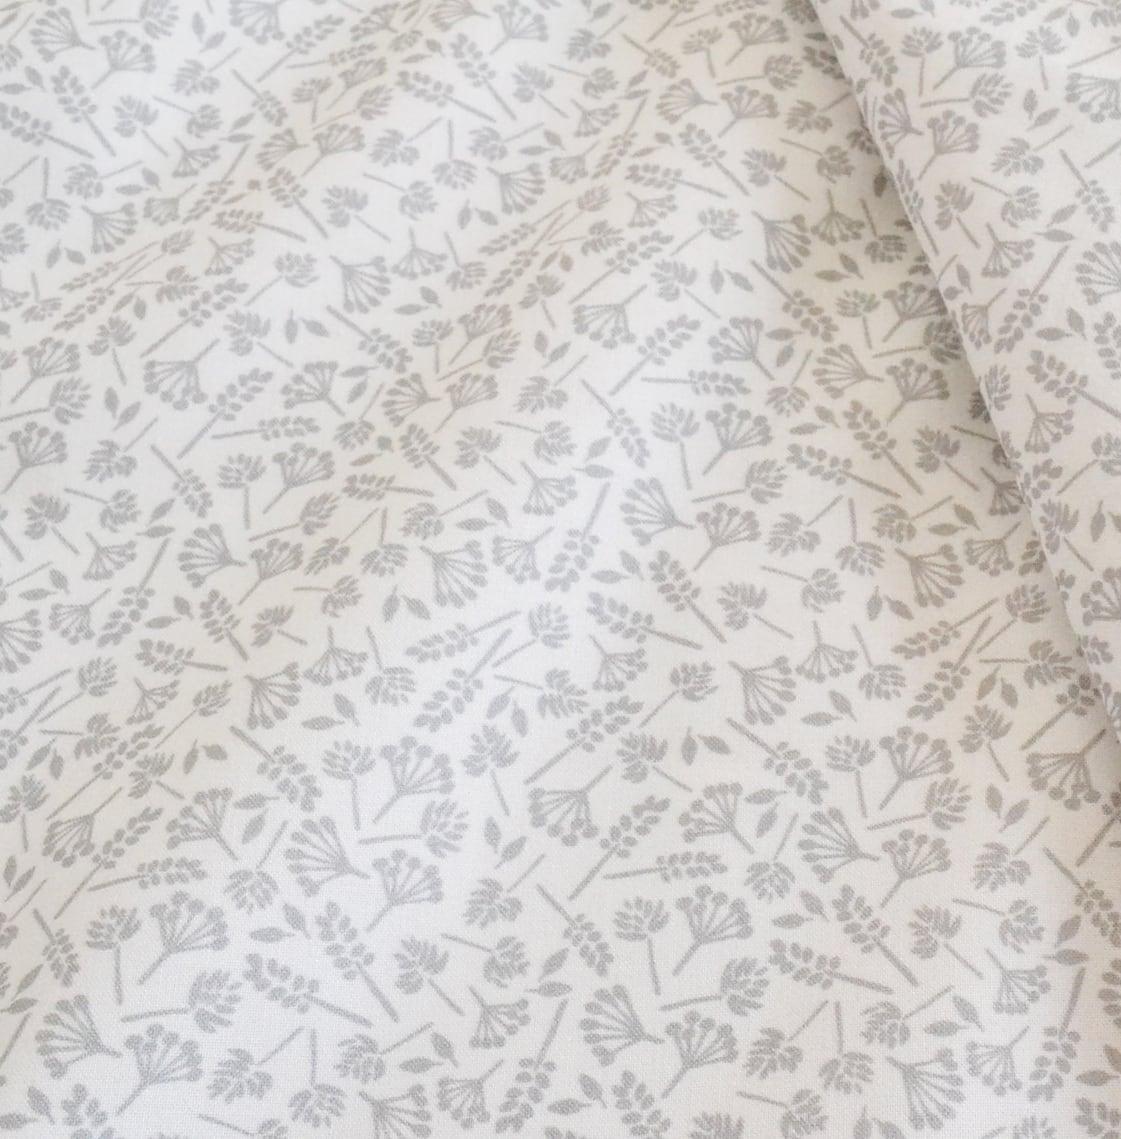 < wildflowers gray > コットン生地 48cm x 52cm